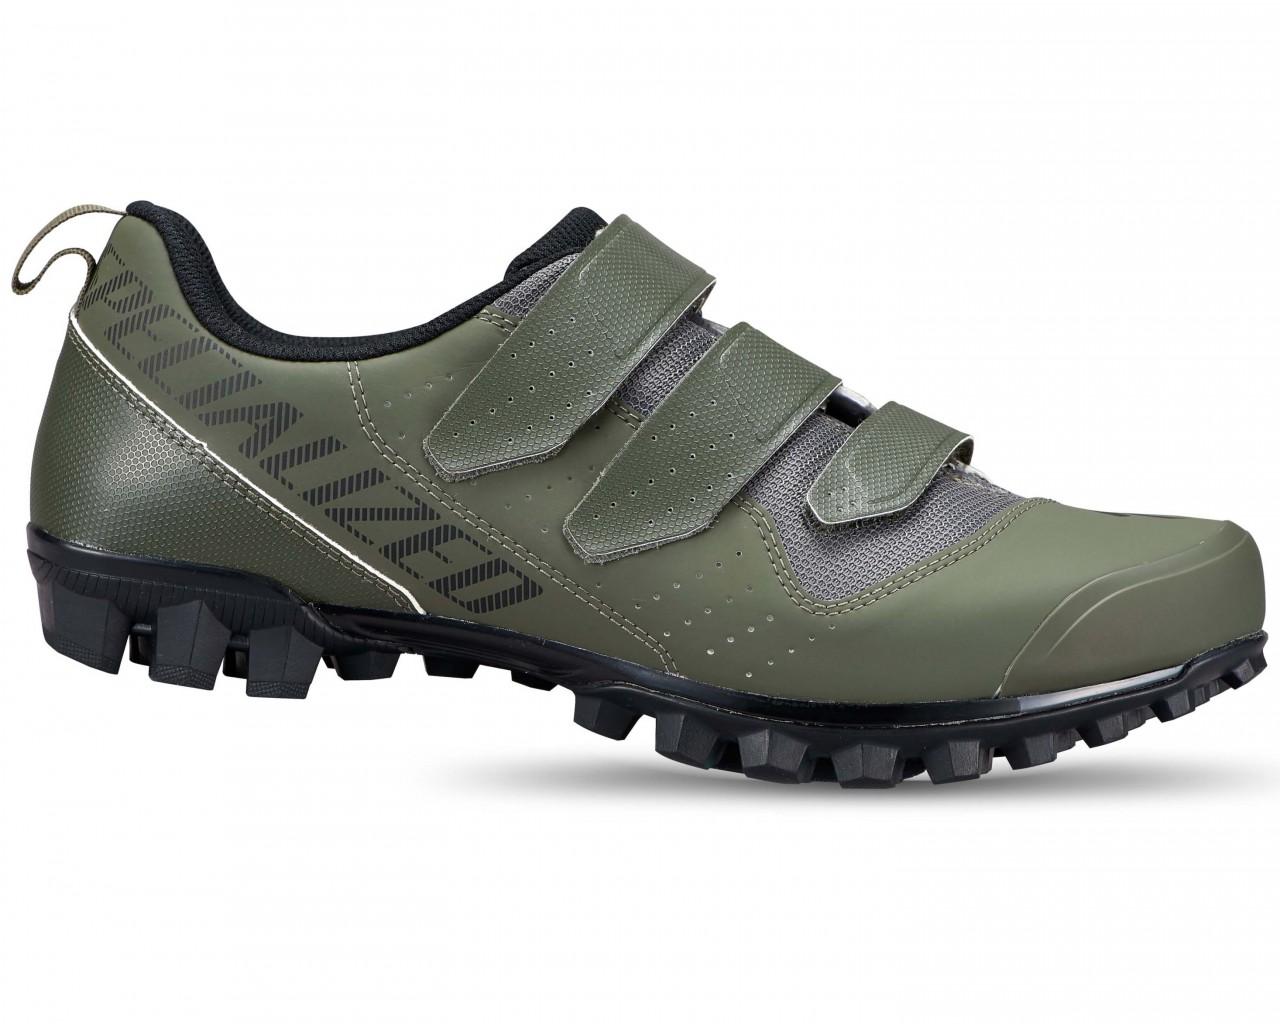 Specialized Recon 1.0 MTB Schuhe | oak green